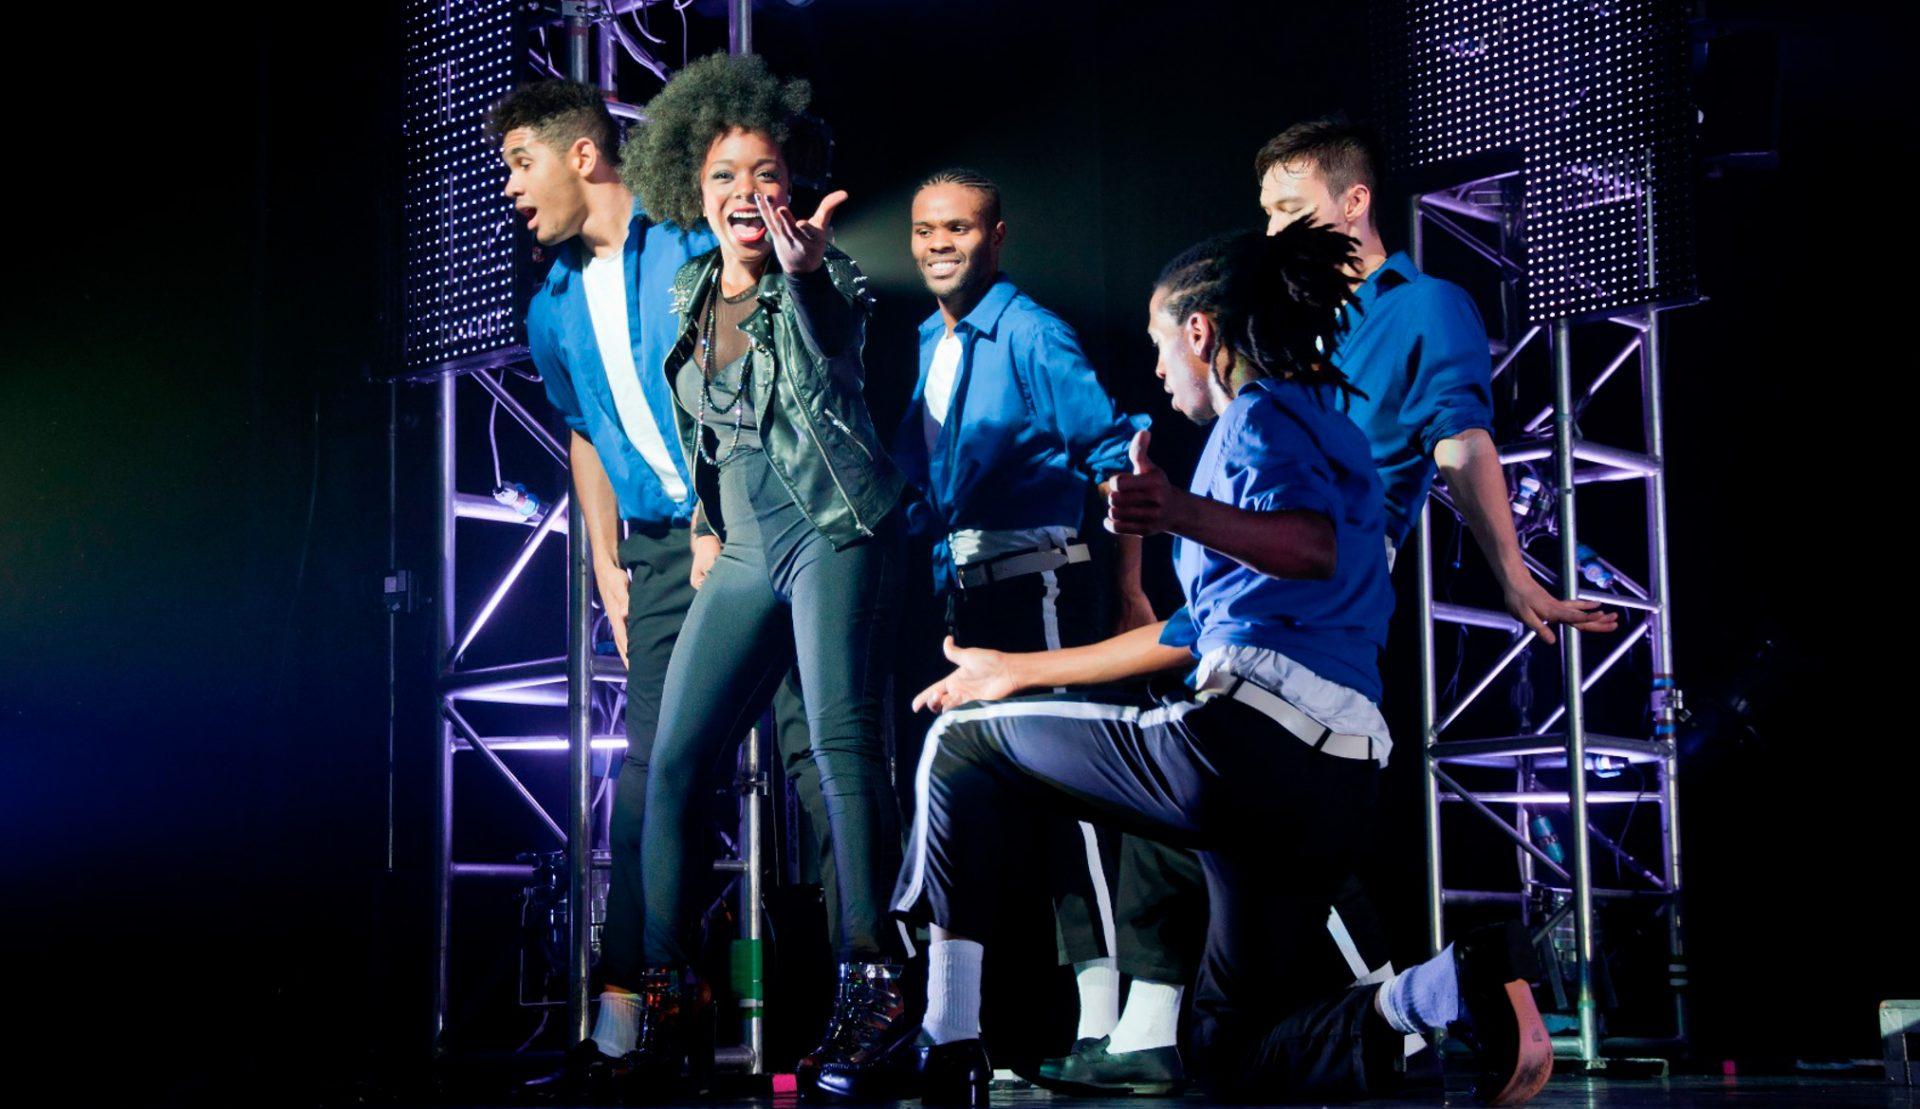 Anmeldelse af Thriller Live: Michael Jacksons sange hyldet i et brag af et show